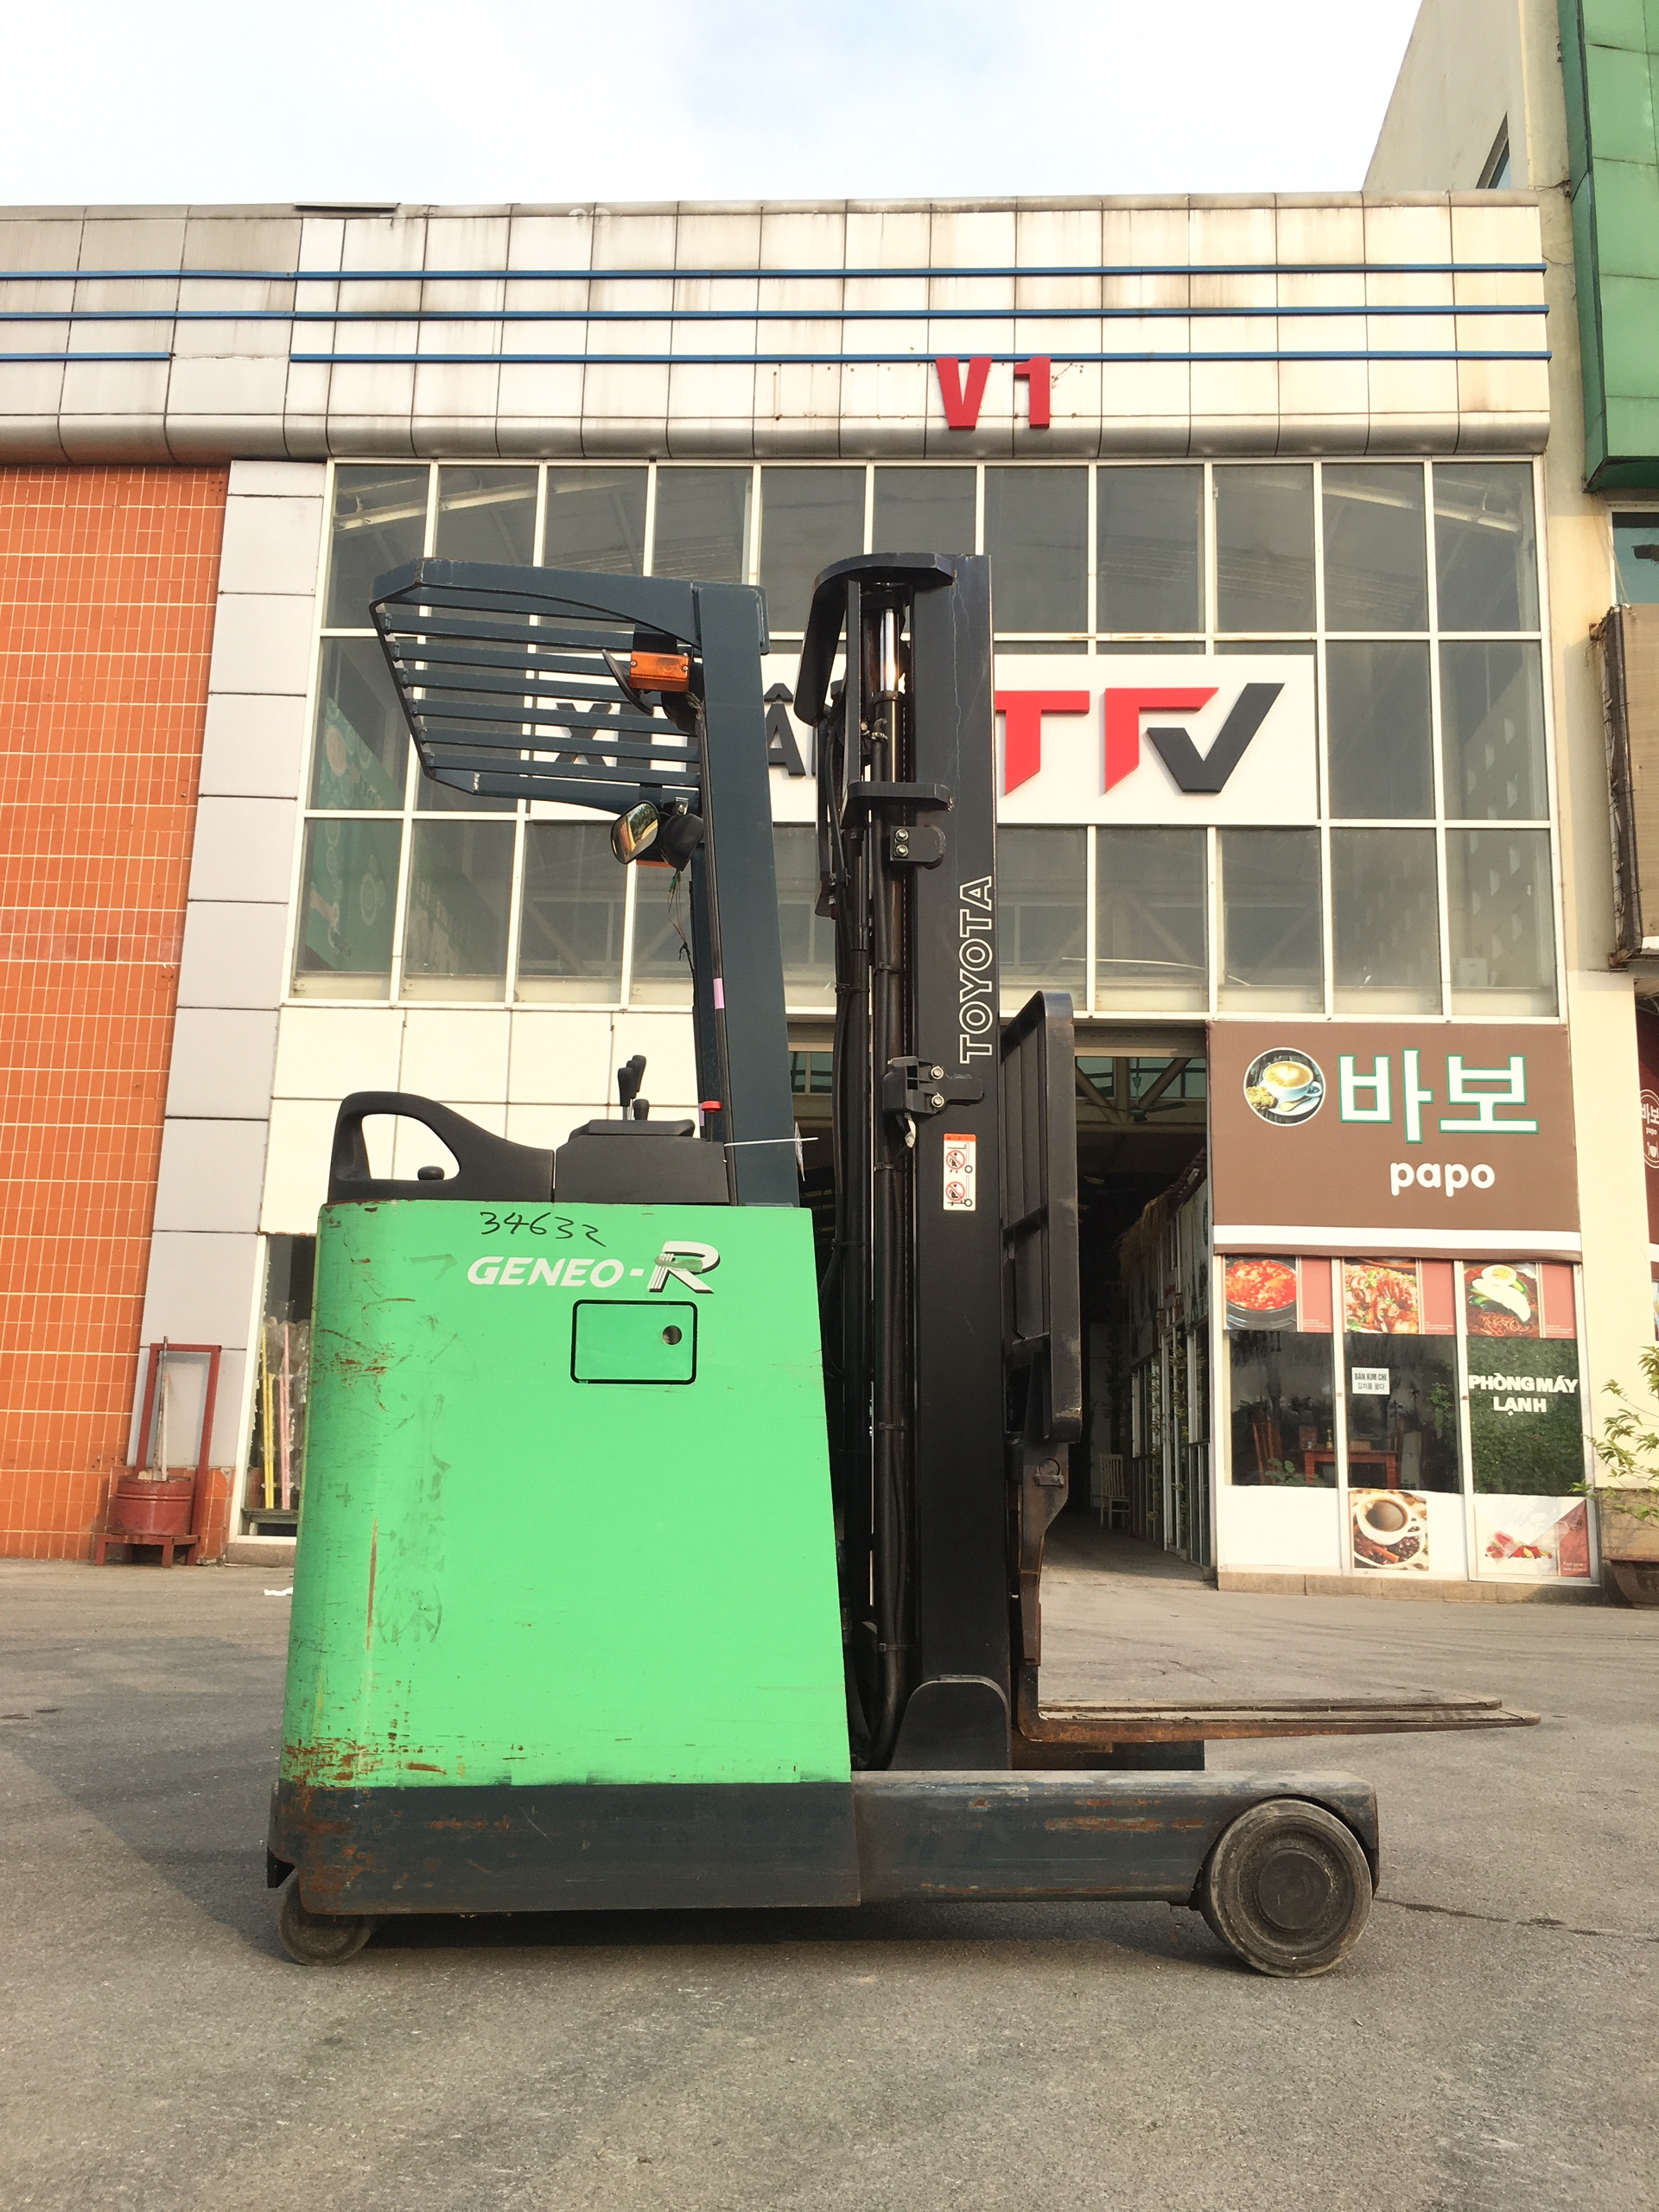 Xe nâng cũ Toyota 7FBR15-34632, tải trọng 1.5 tấn, nâng cao 3.8m, sx 2011